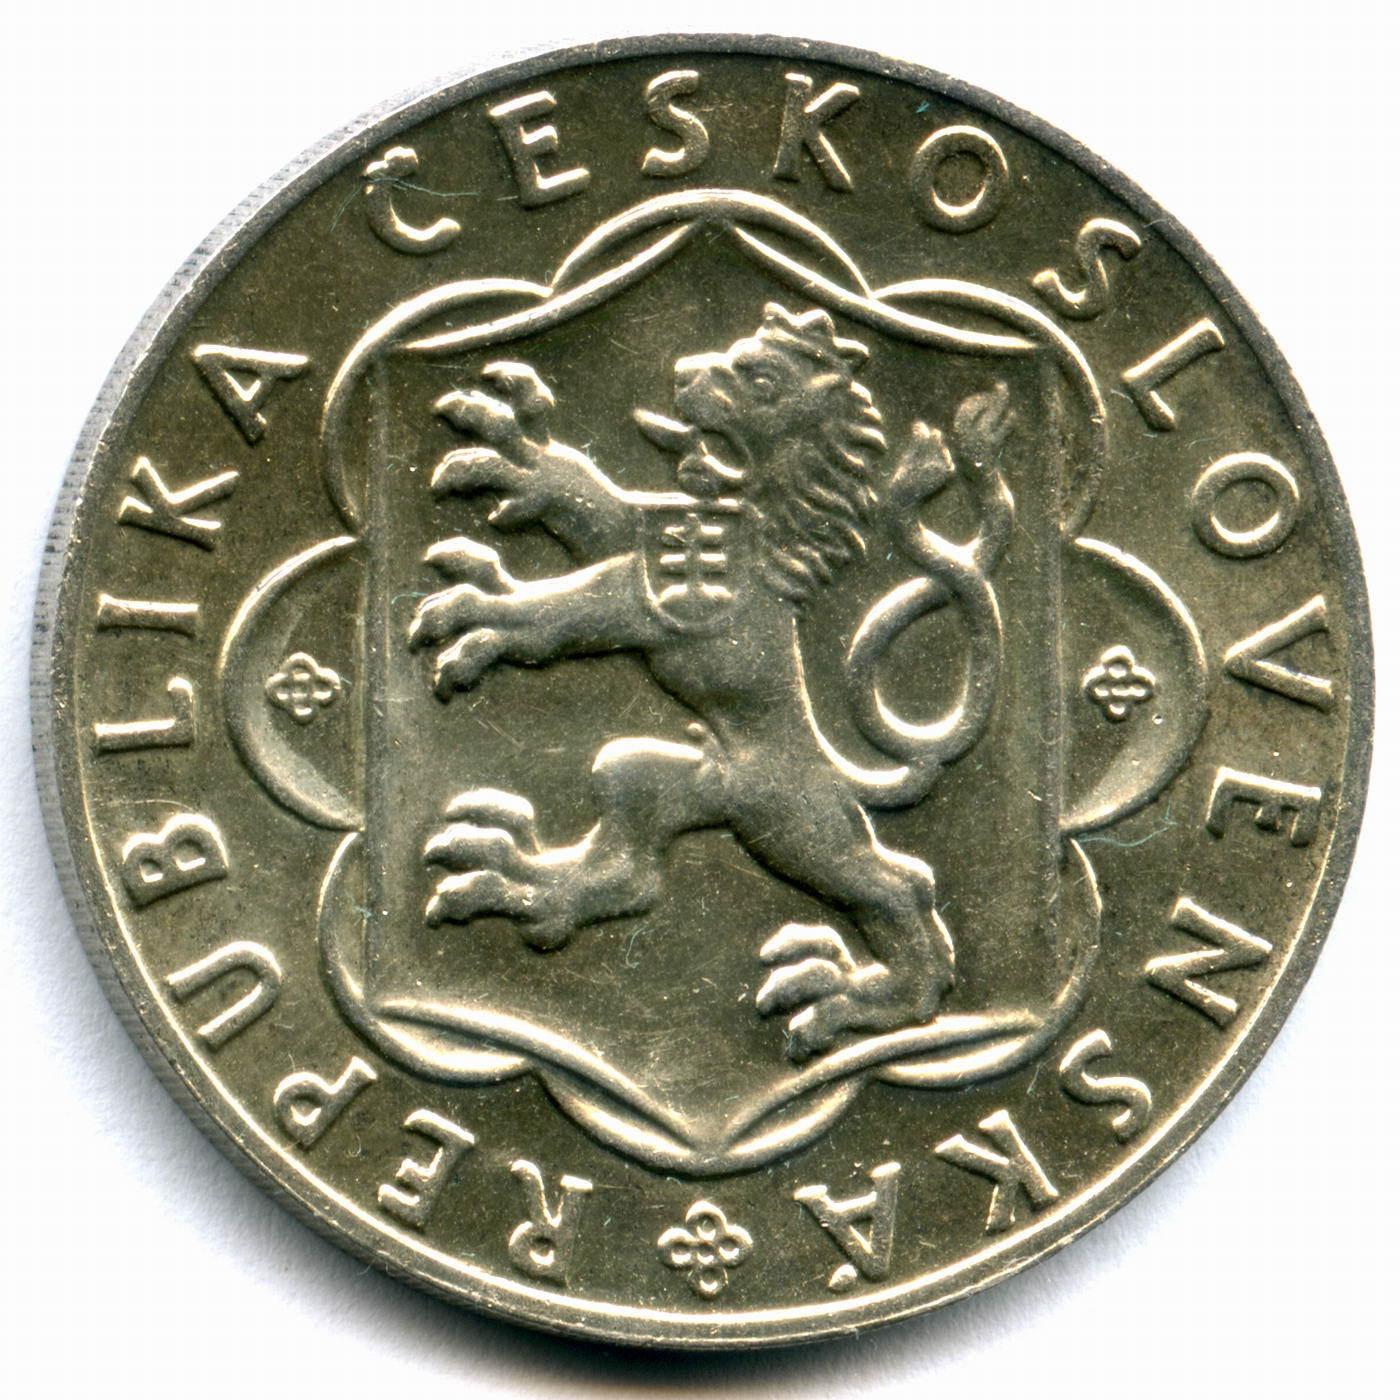 25 крон 1954. Чехословакия (10-летие словацкого восстания). Серебро XF